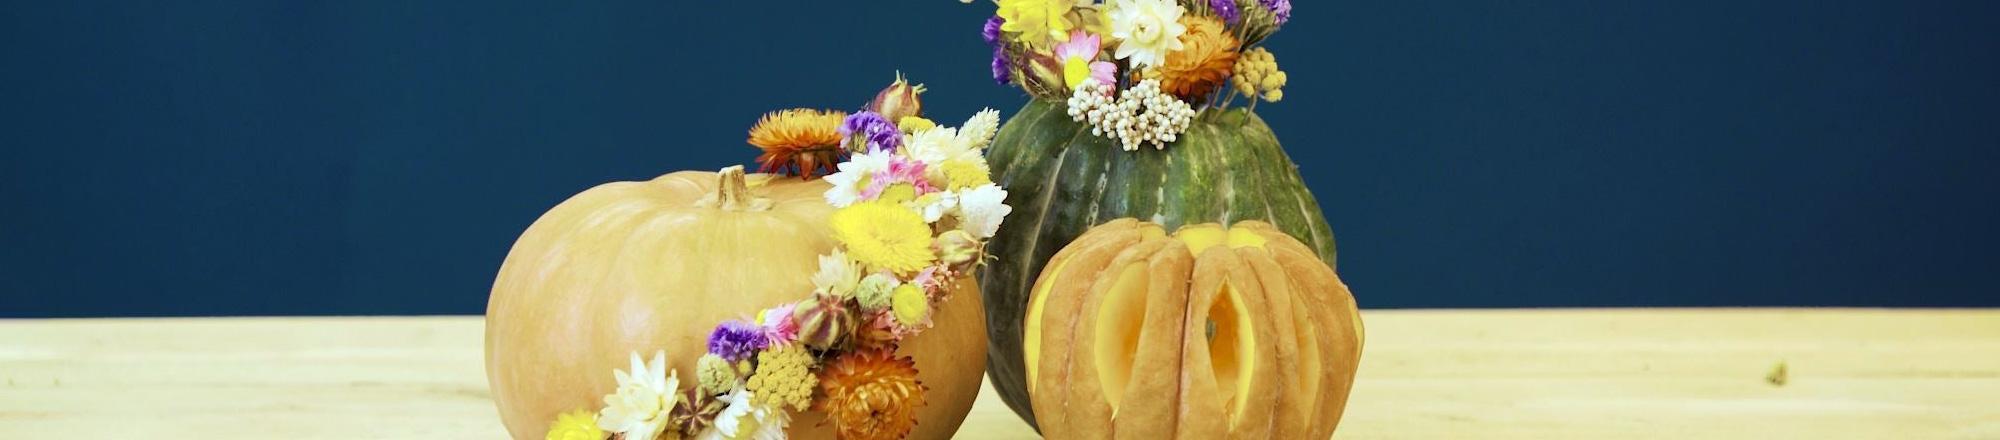 DIY: pompoen versieren met droogbloemen